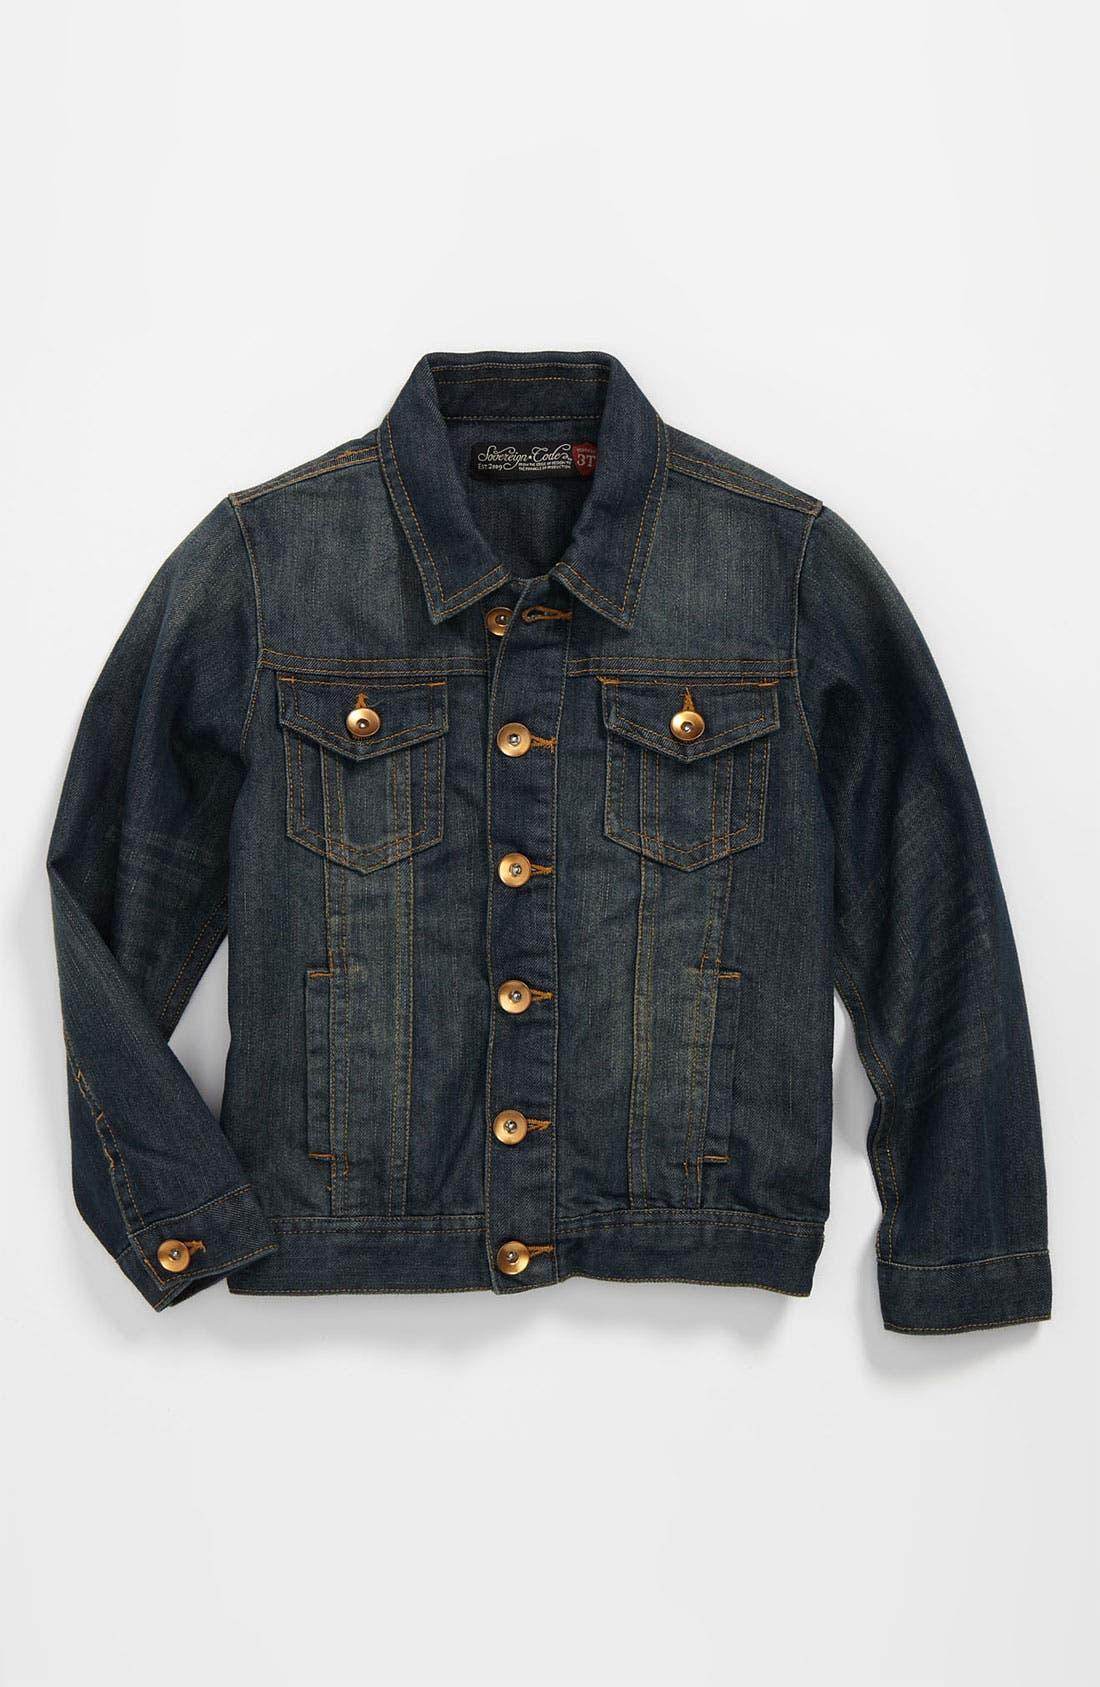 Main Image - Sovereign Code 'Dashing' Denim Jacket (Toddler)